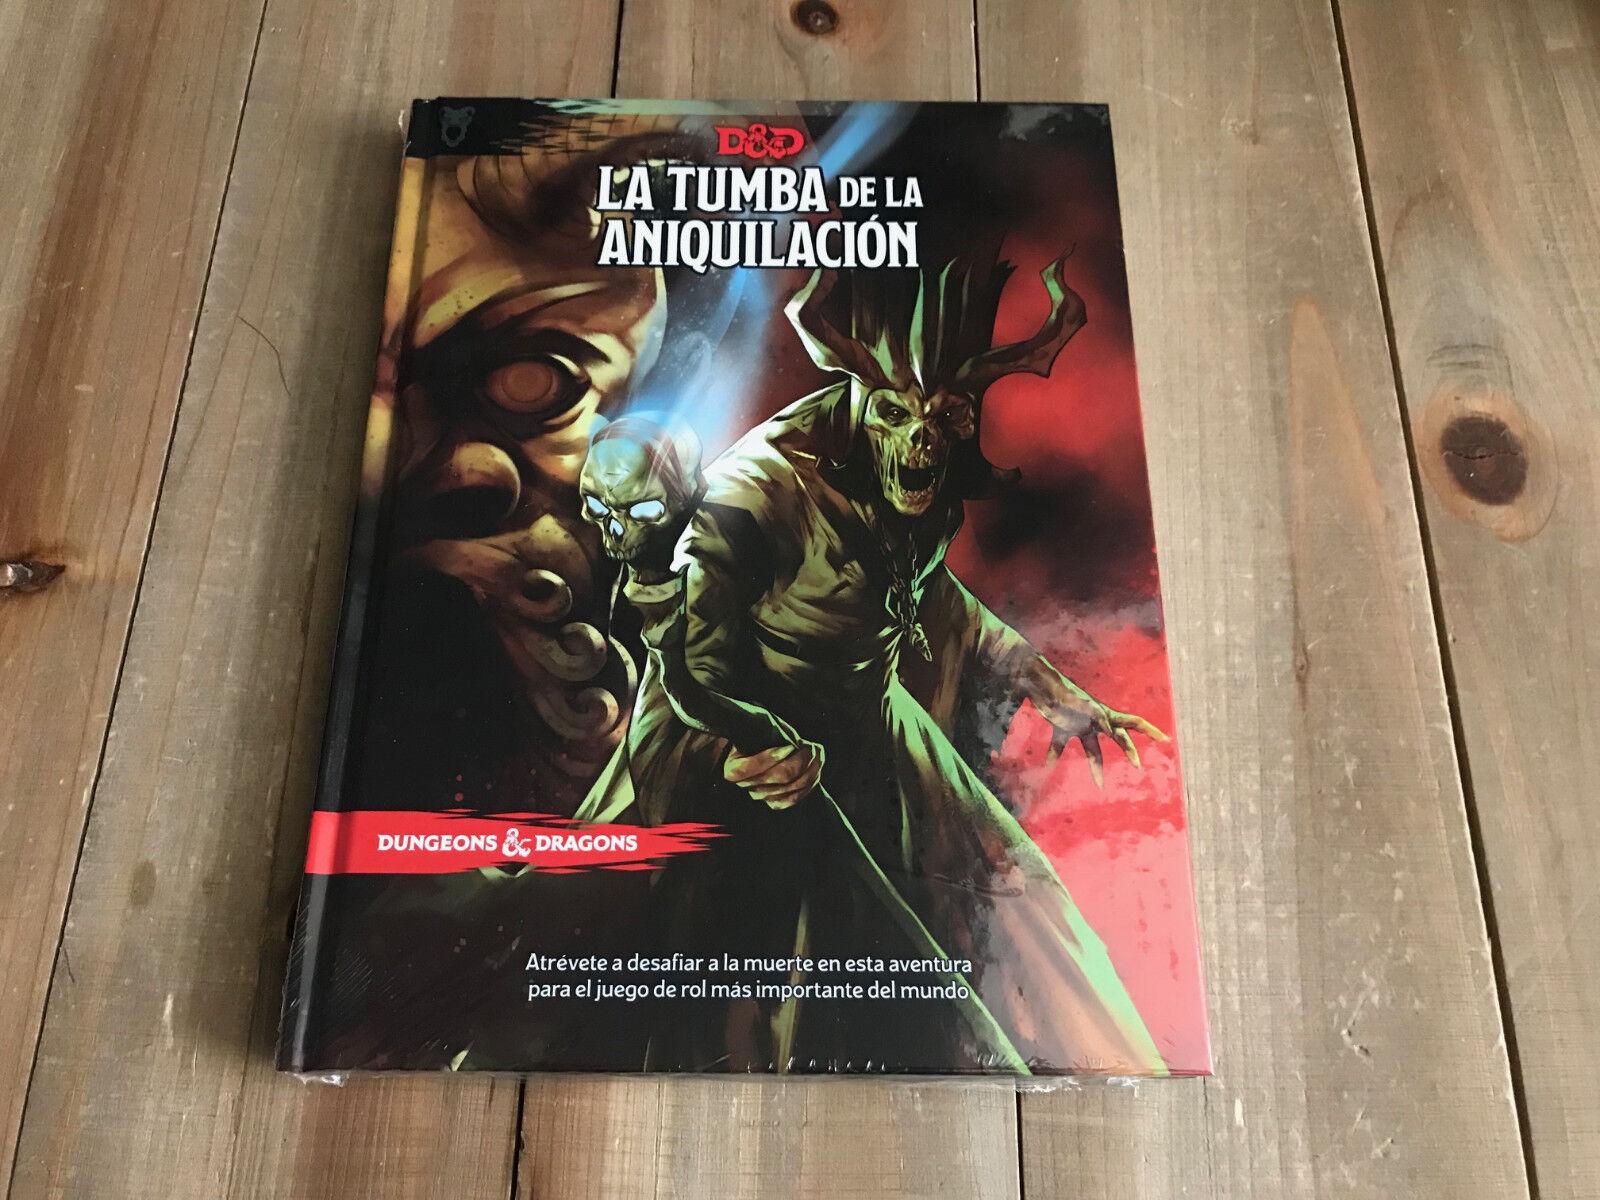 Dungeons & Dragons 5 - La Tumba de la Aniquilación - juego rol - EDGE - RPG D&D